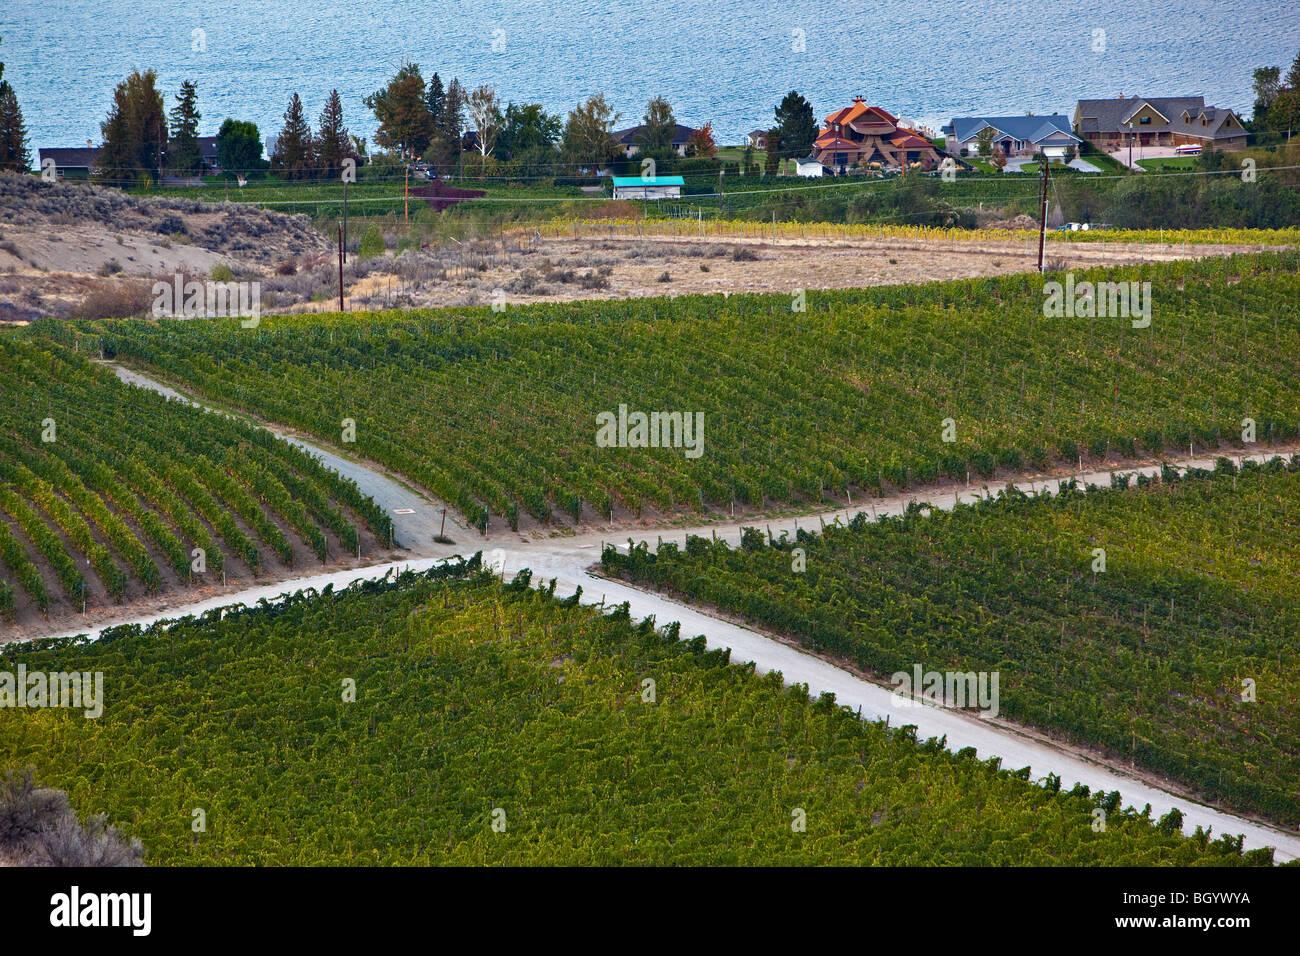 Crossroad amongst vineyards near the city of Osoyoos, Okanagan-Similkameen Region, Okanagan, British Columbia, Canada. Stock Photo